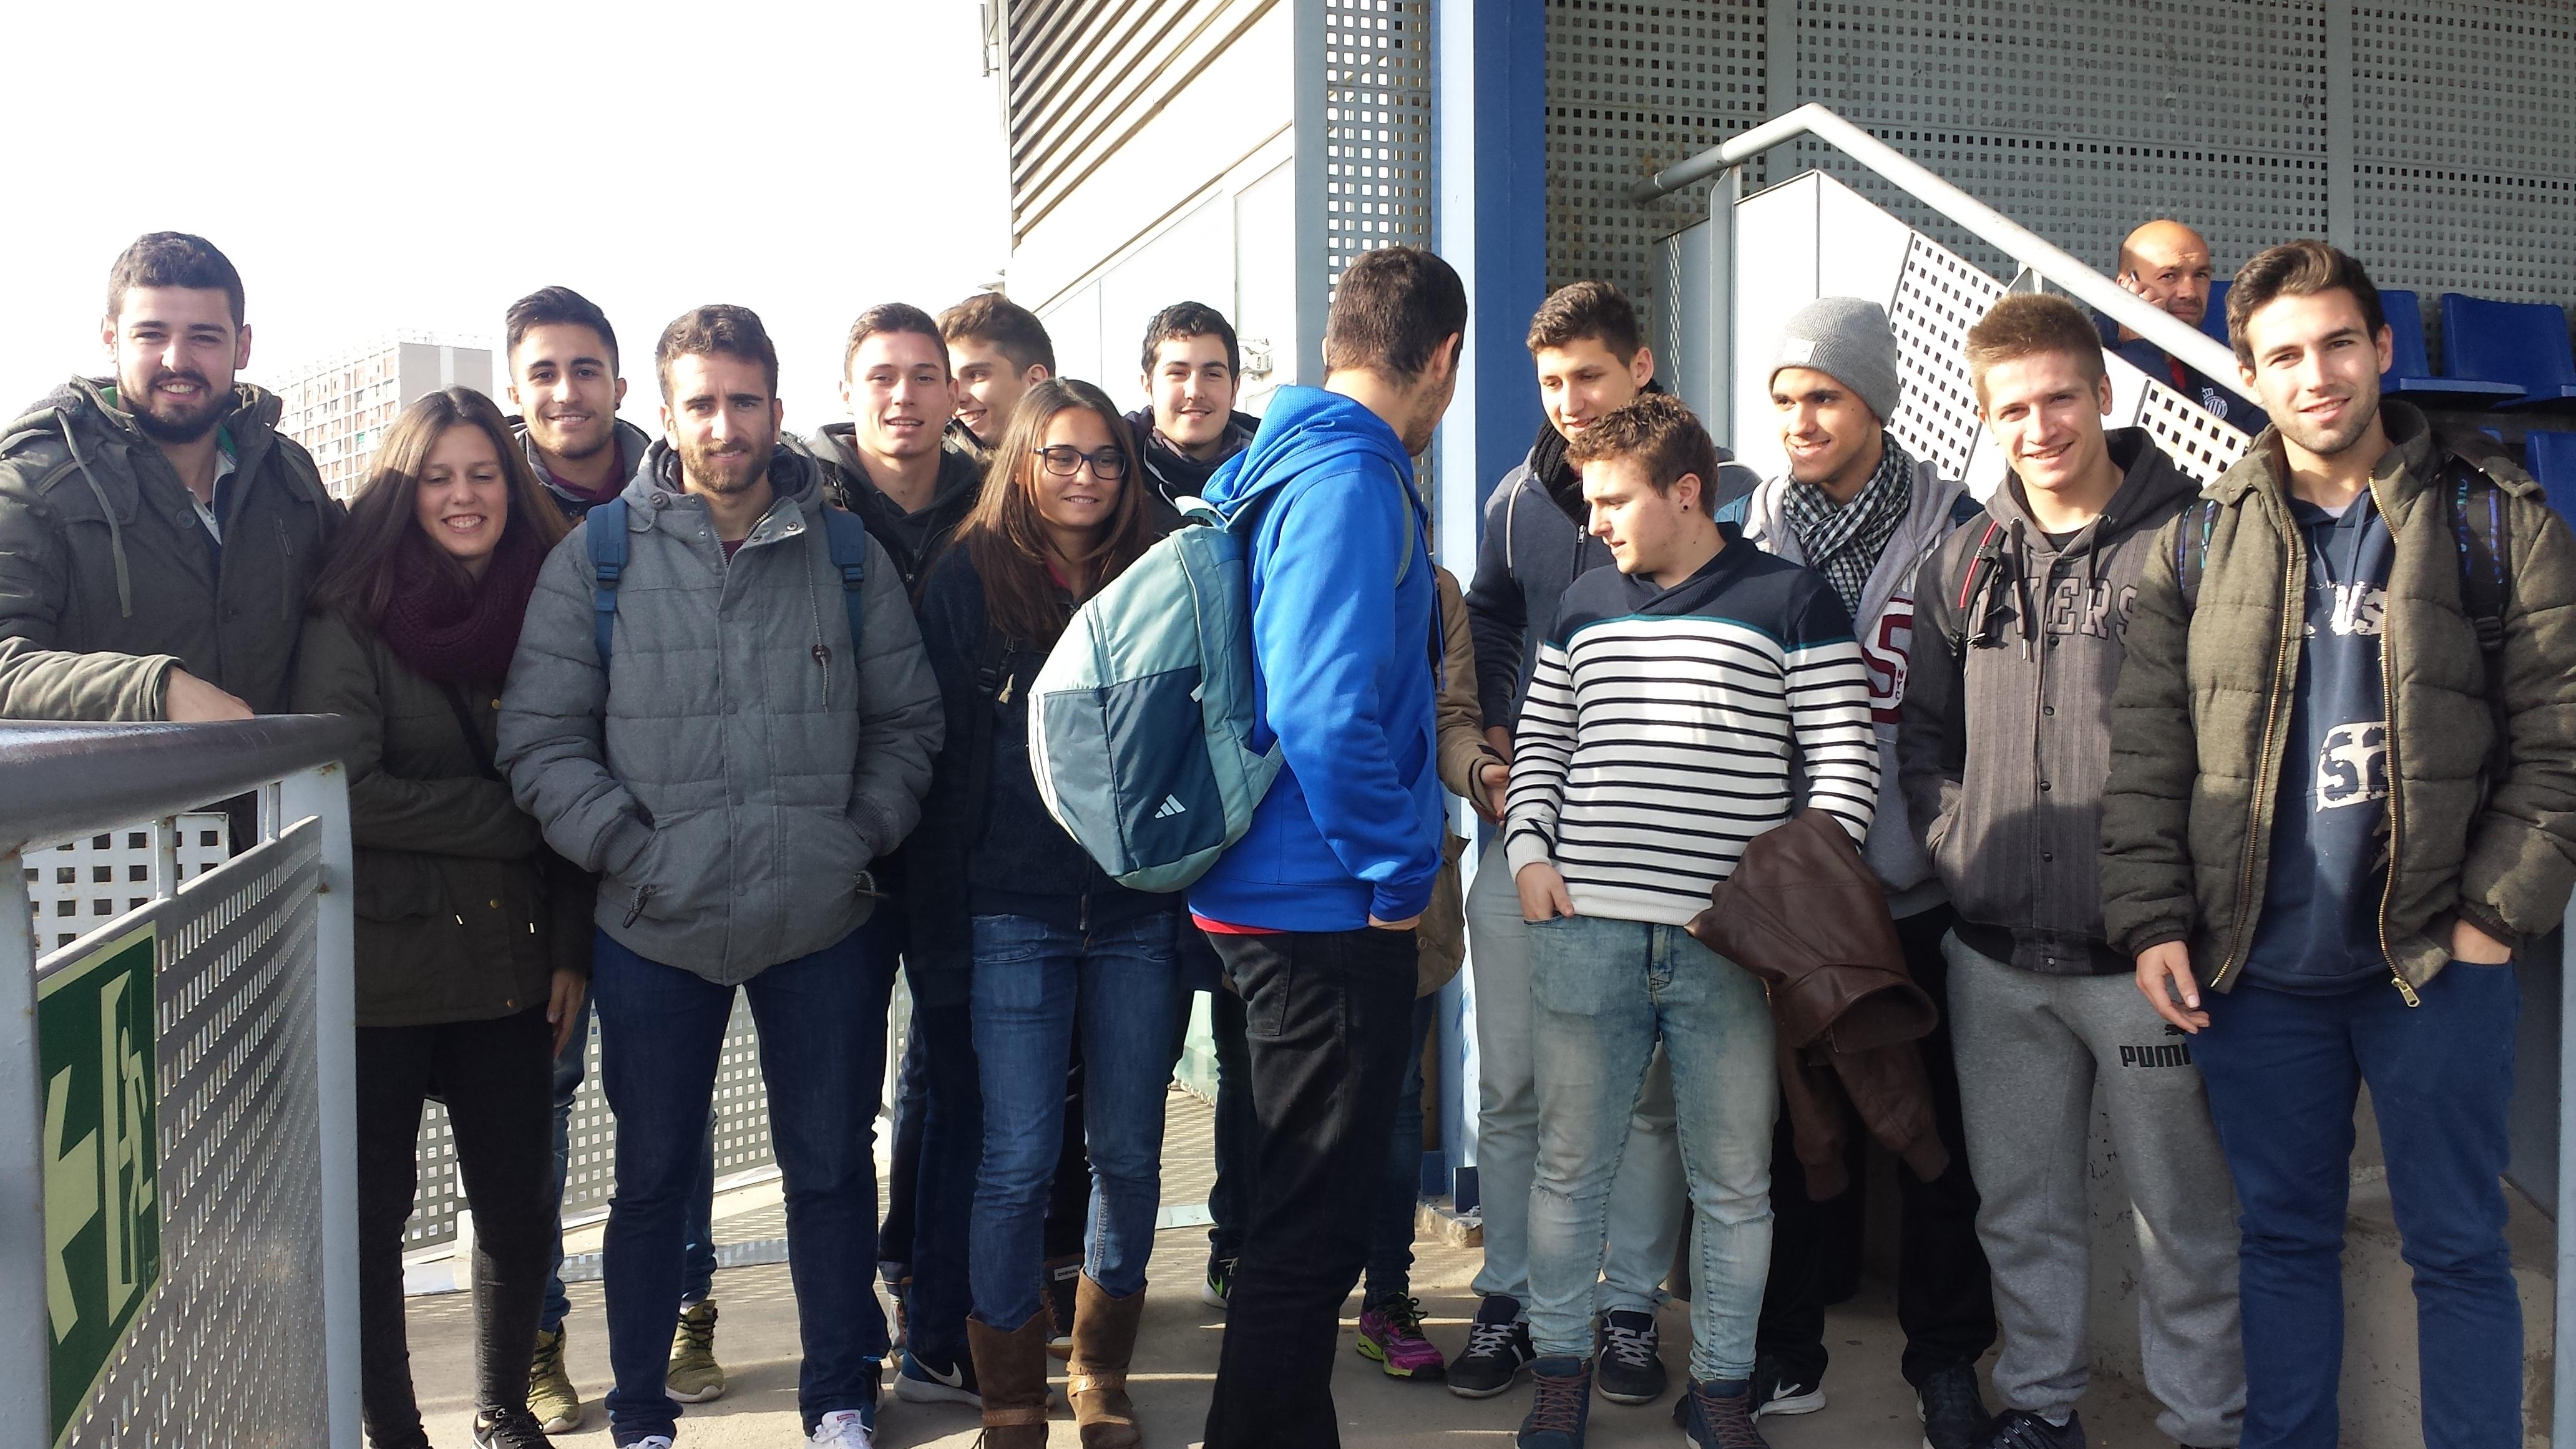 Alumnes de 2n curs de CAFE d'EUSES TE-URV visiten la ciutat esportiva del RCD ESPANYOL